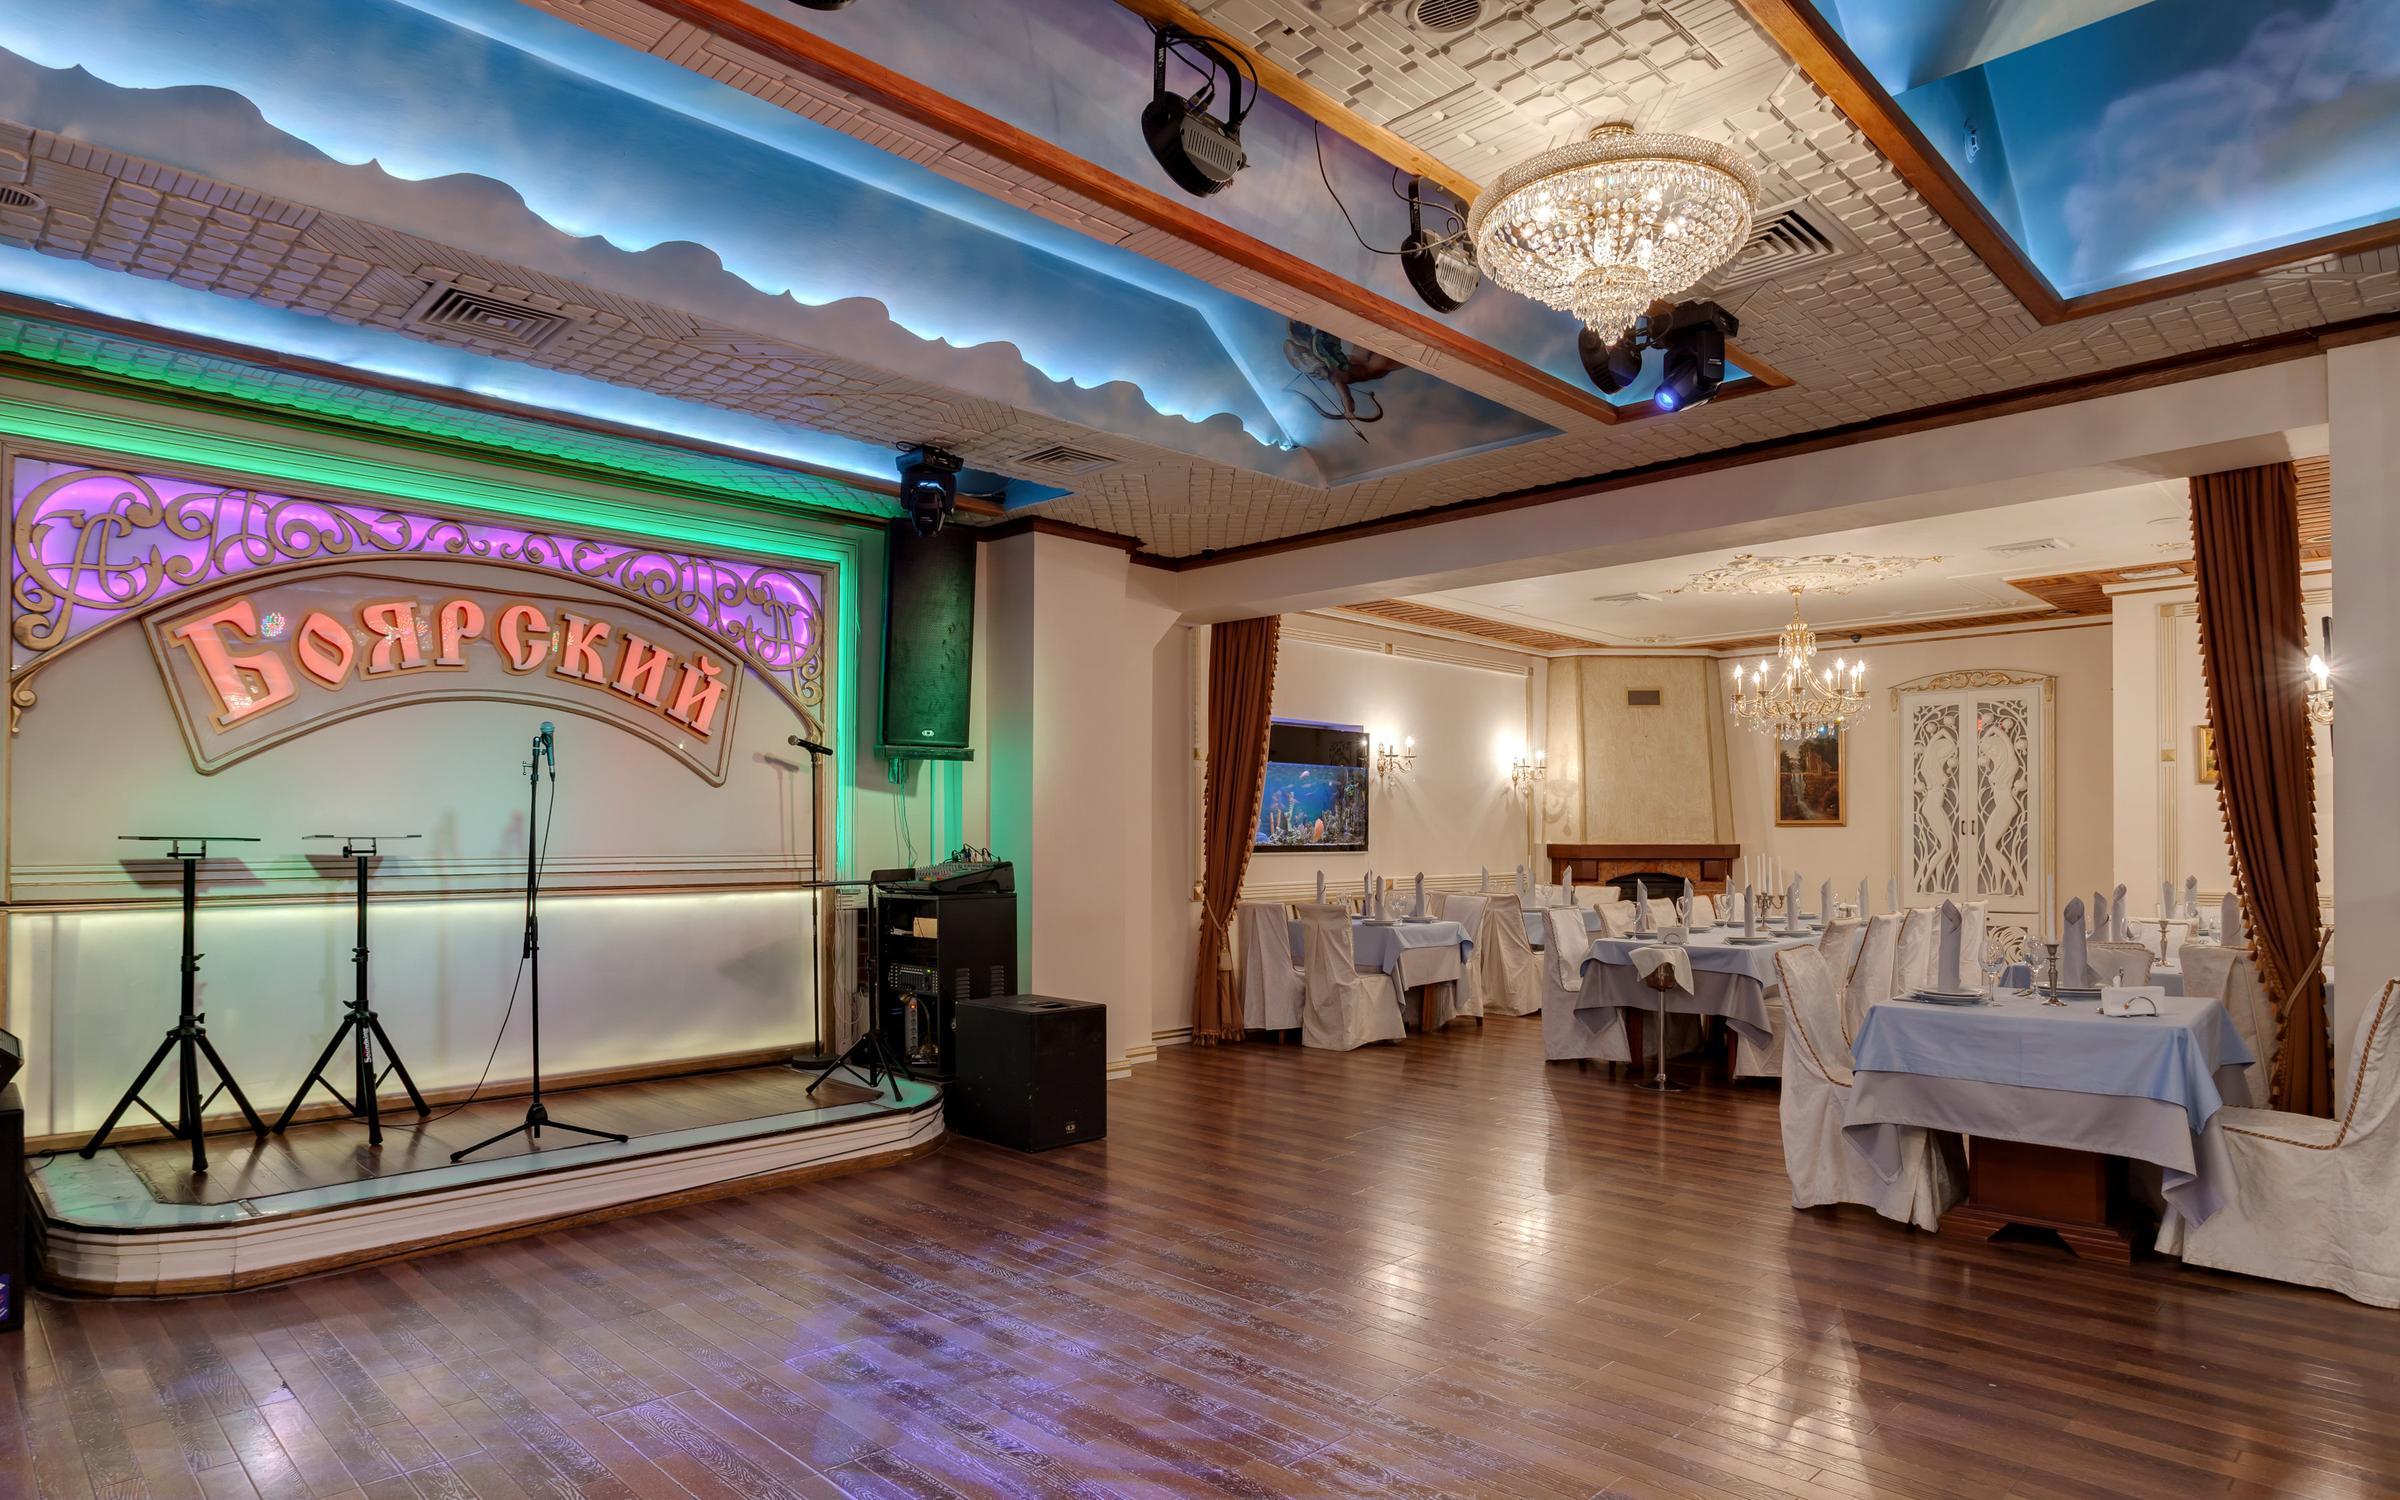 фотография Ресторана Боярский на Даниловской набережной